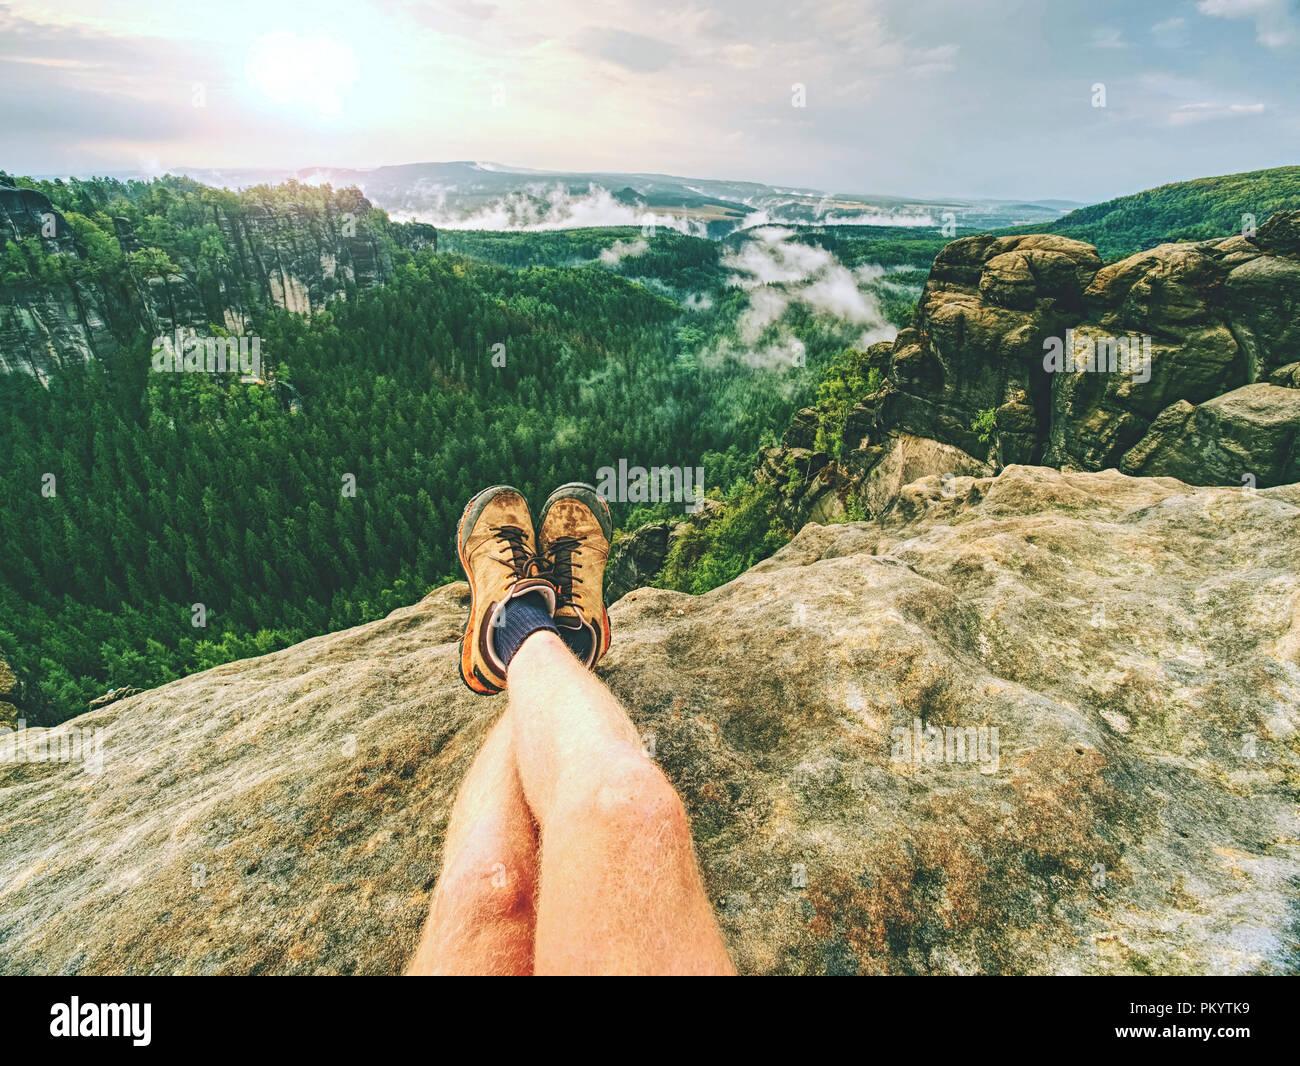 Caminante man tome un descanso en el pico de la montaña. Piernas macho en Cumbre afiladas y excursionista disfrutar de espectaculares vistas. Imagen De Stock